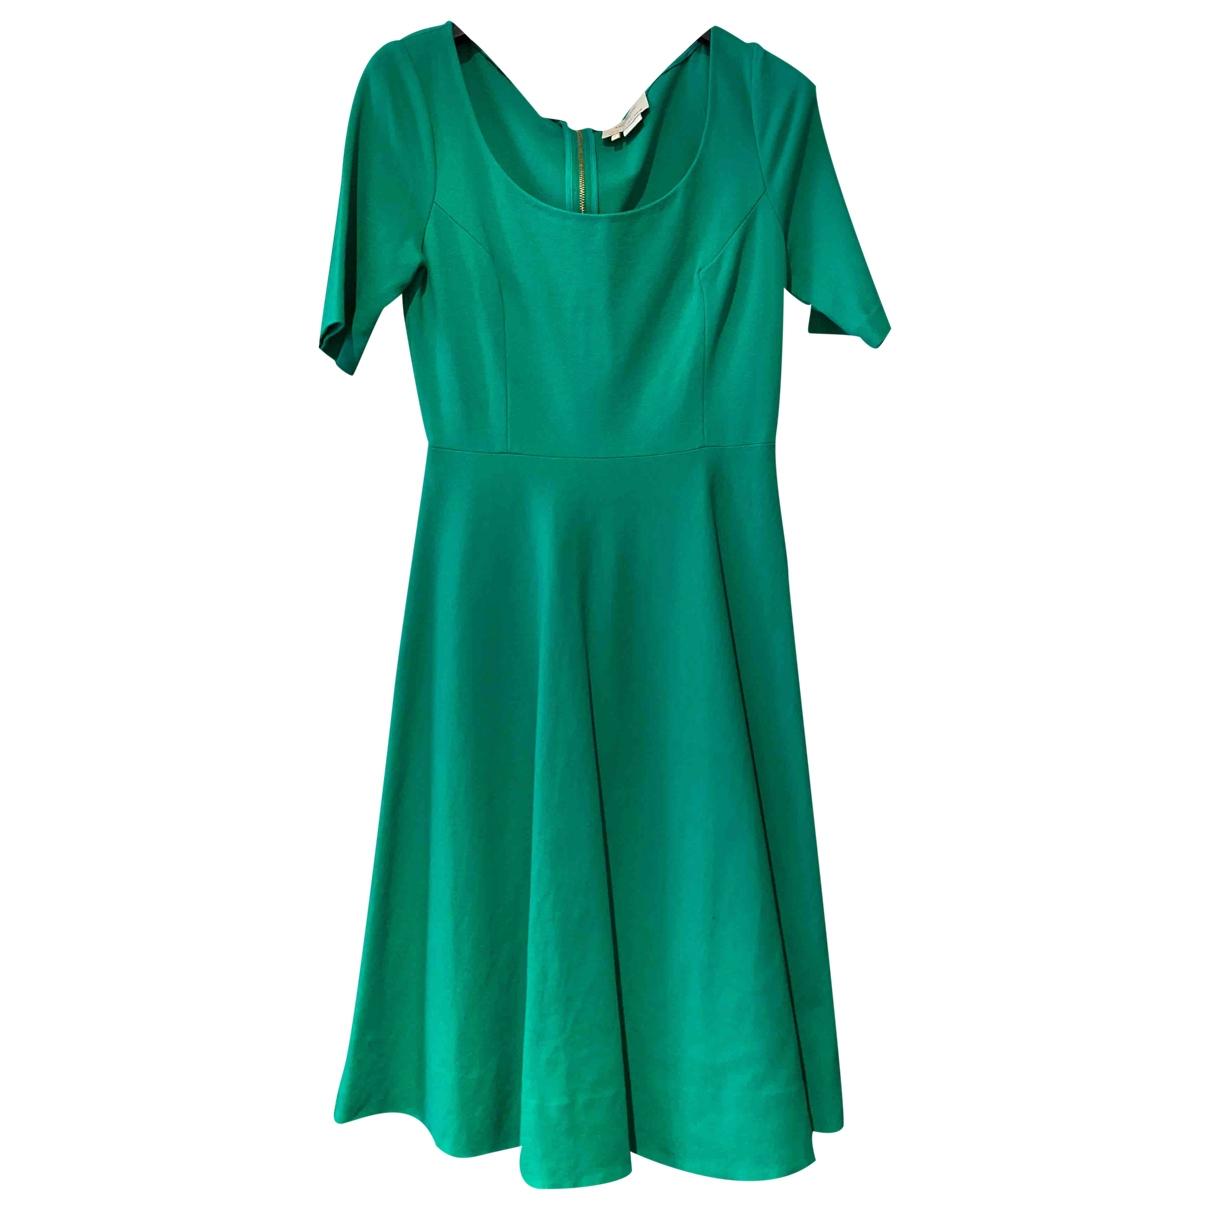 Kate Spade \N Kleid in  Gruen Baumwolle - Elasthan